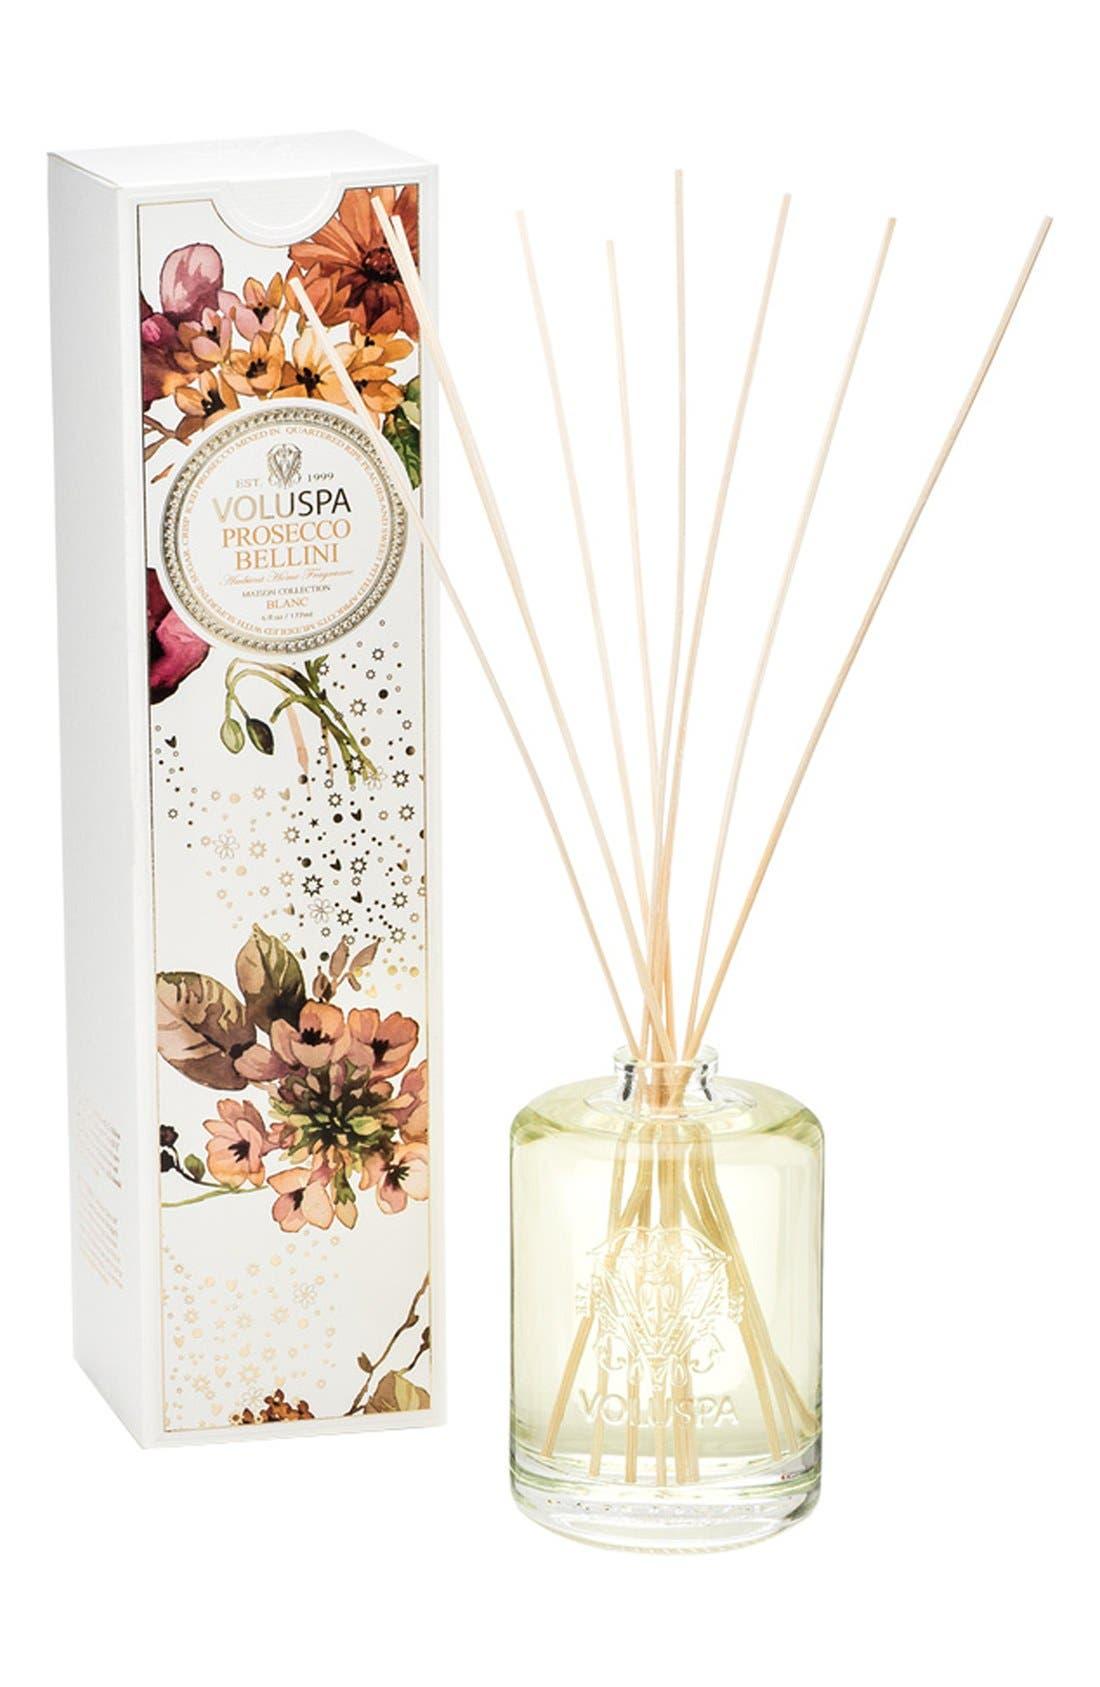 Maison Blanc Prosecco Bellini Fragrance Oil Diffuser,                         Main,                         color, PROSECCO BELLINI